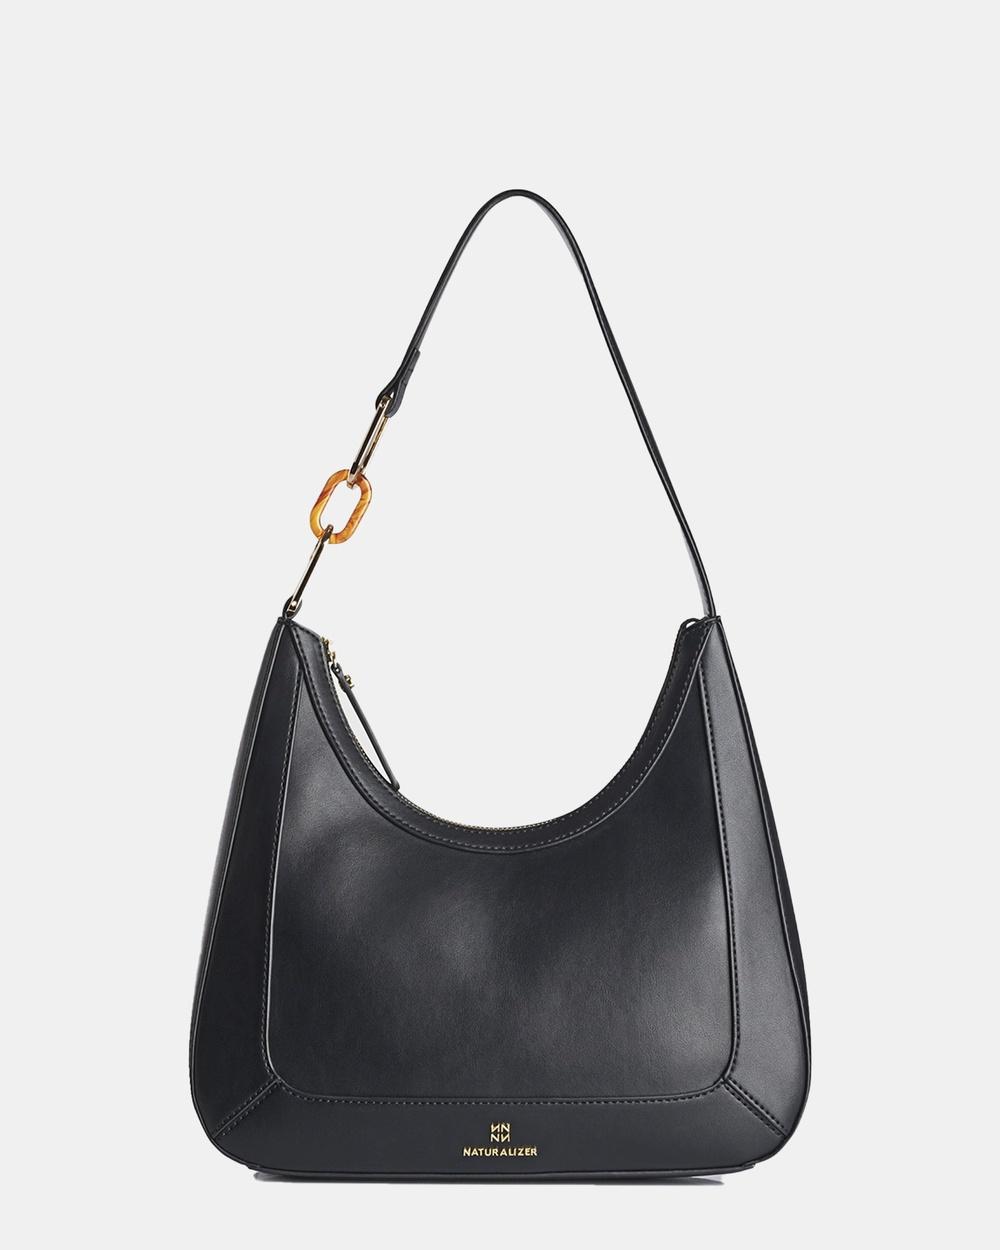 Naturalizer Reese Shoulder Bag Handbags Black Handbags Australia